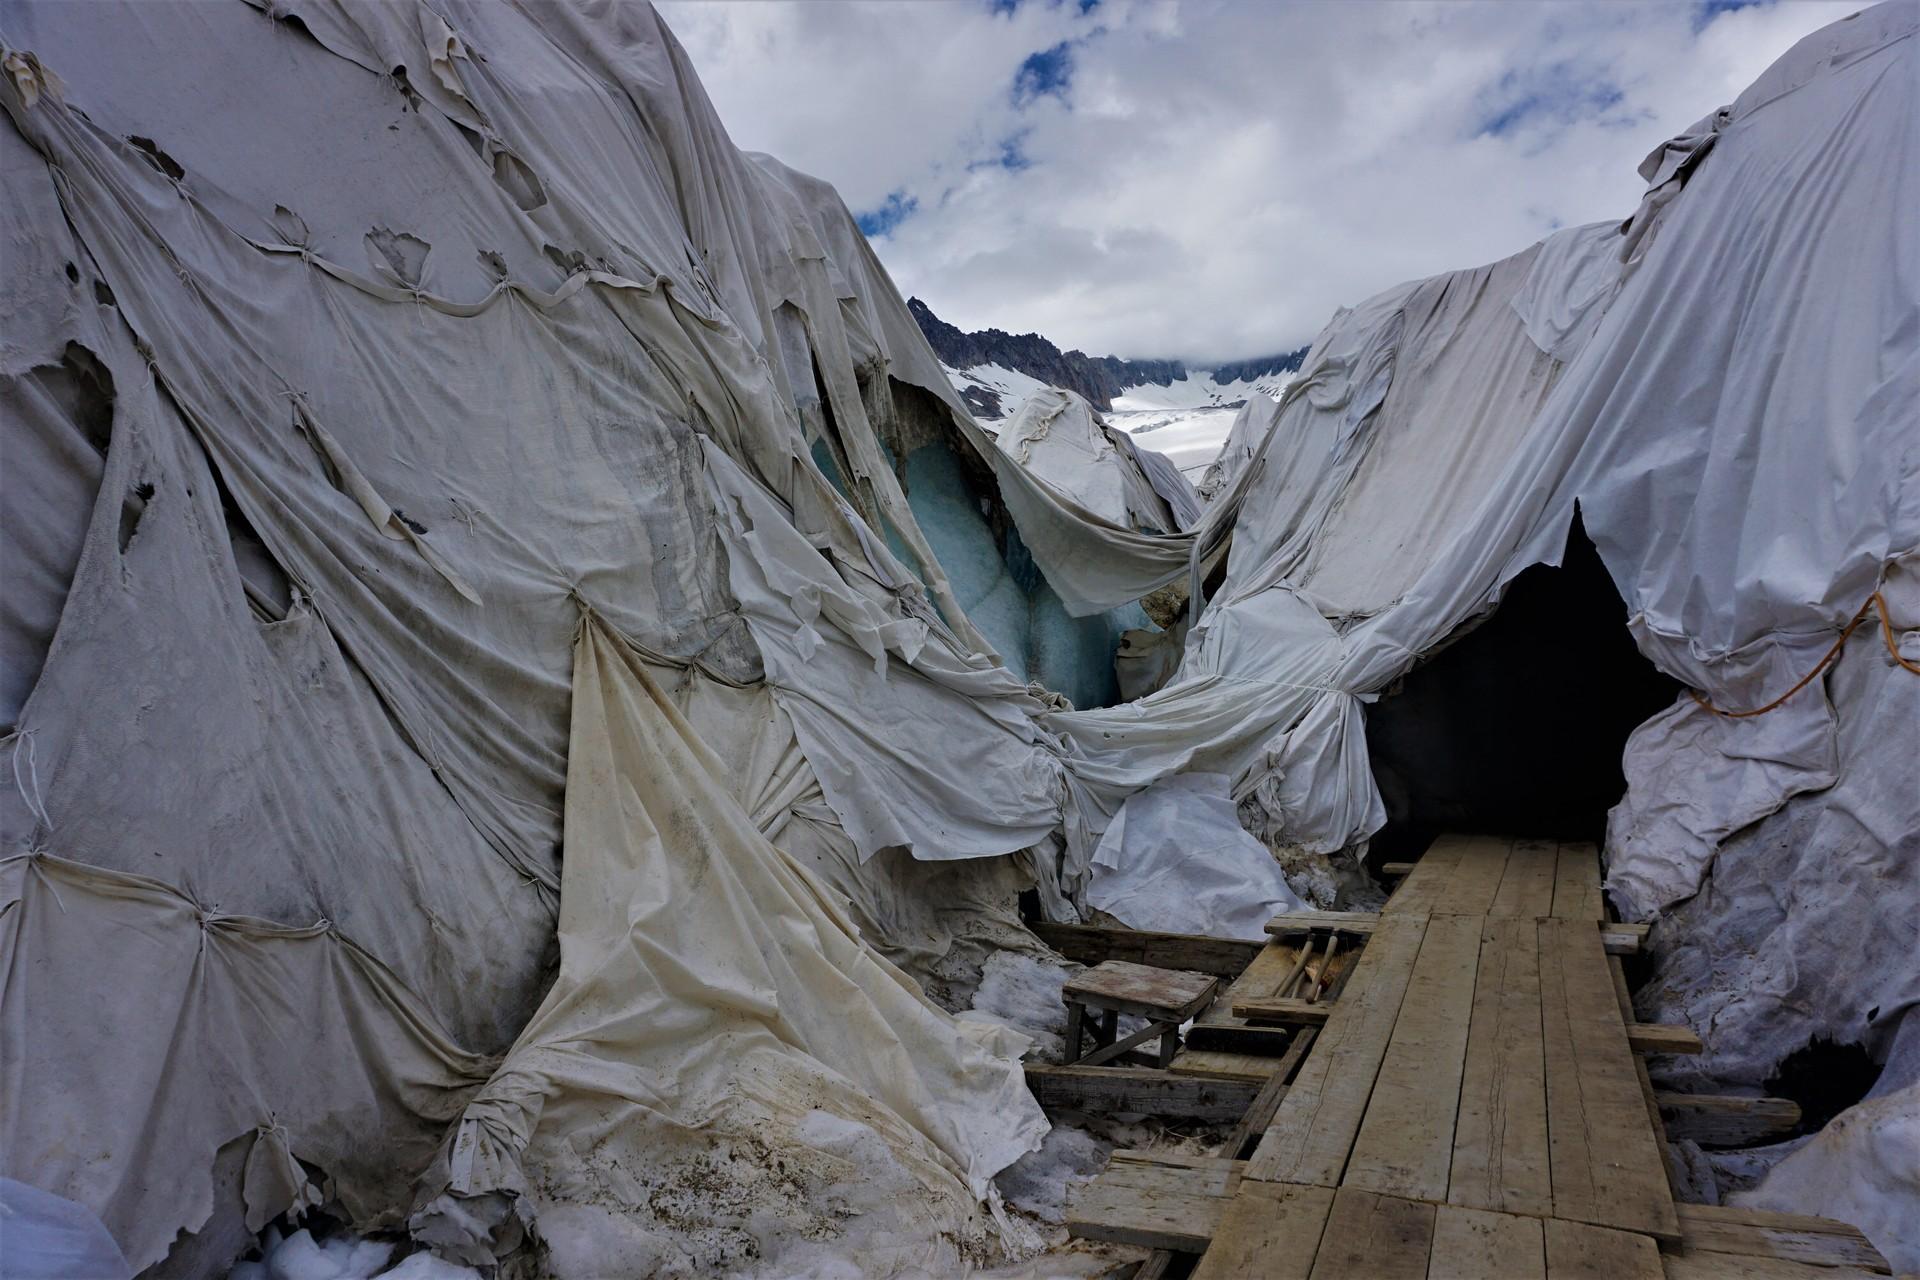 promenade-glace-5275bf4da72716c1ab1d7c6e